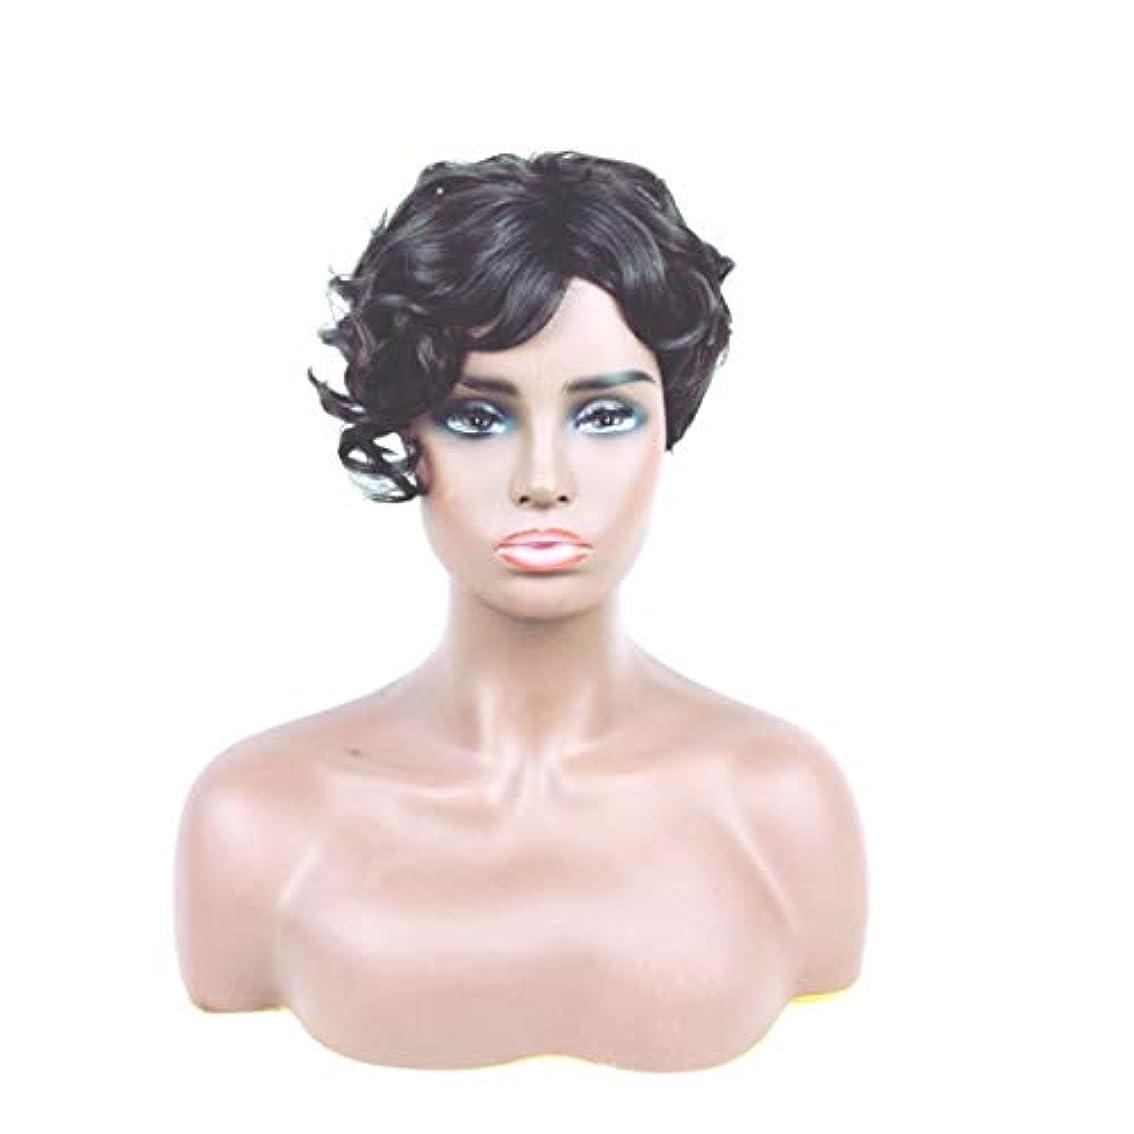 うなり声郵便局アシスタントSummerys ショートカーリーヘアウィッグ人工毛フルウィッグ自然に見える耐熱性女性用